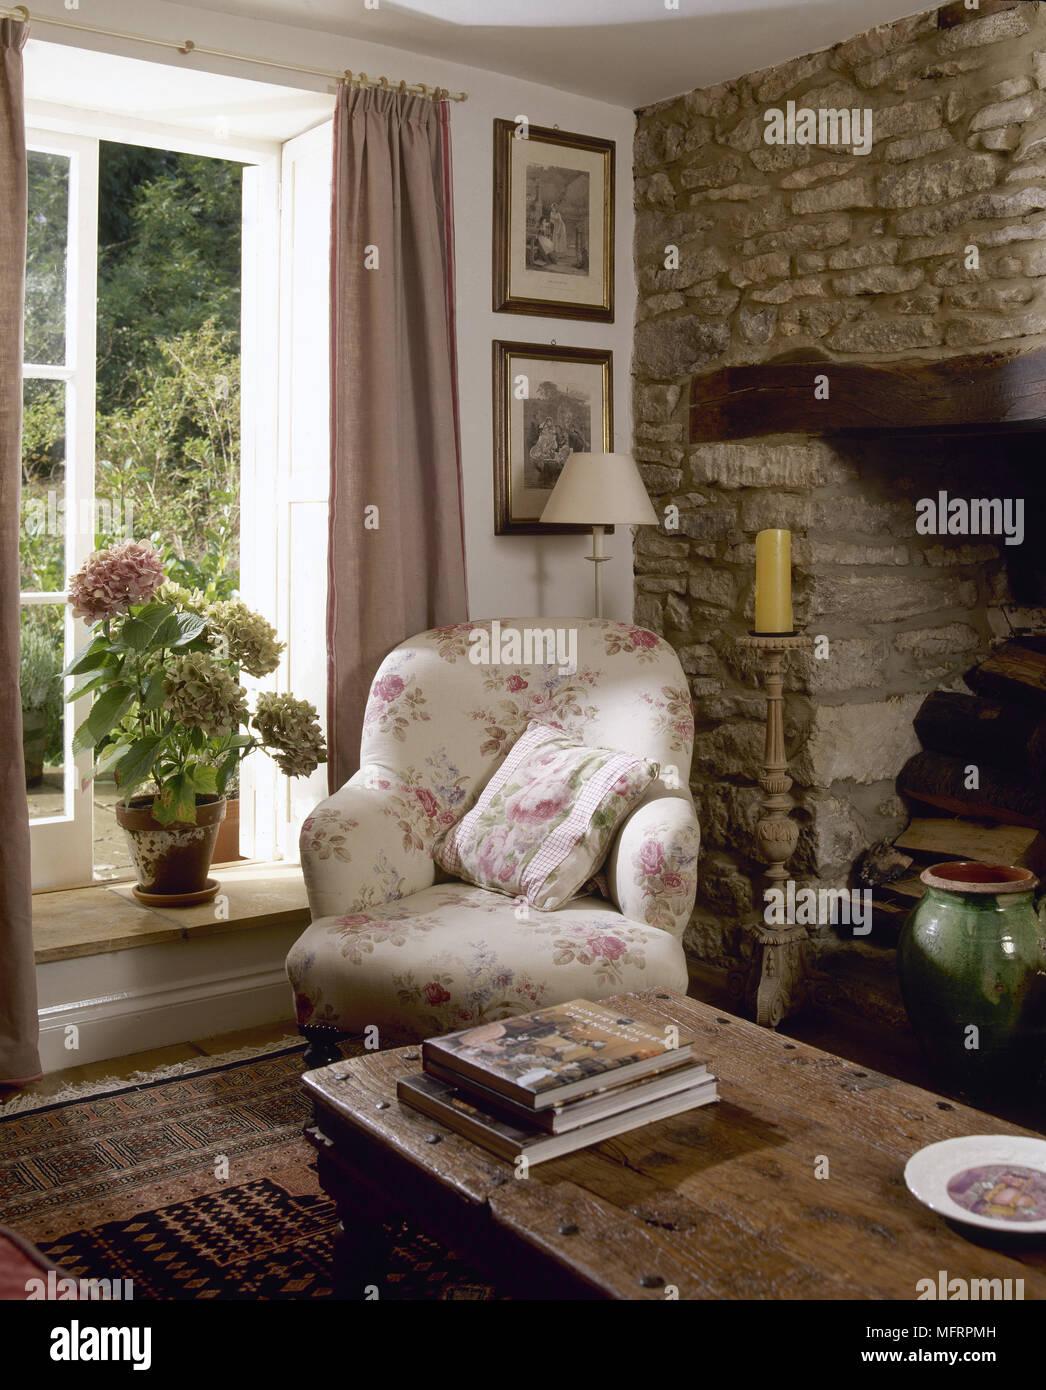 Landhaus Wohnzimmer Detail Mit Einem Offenen Fenster, Holz  Tisch, Einen  Geblümten Gepolstertem Sessel Neben Einem Stein Kaminecke.